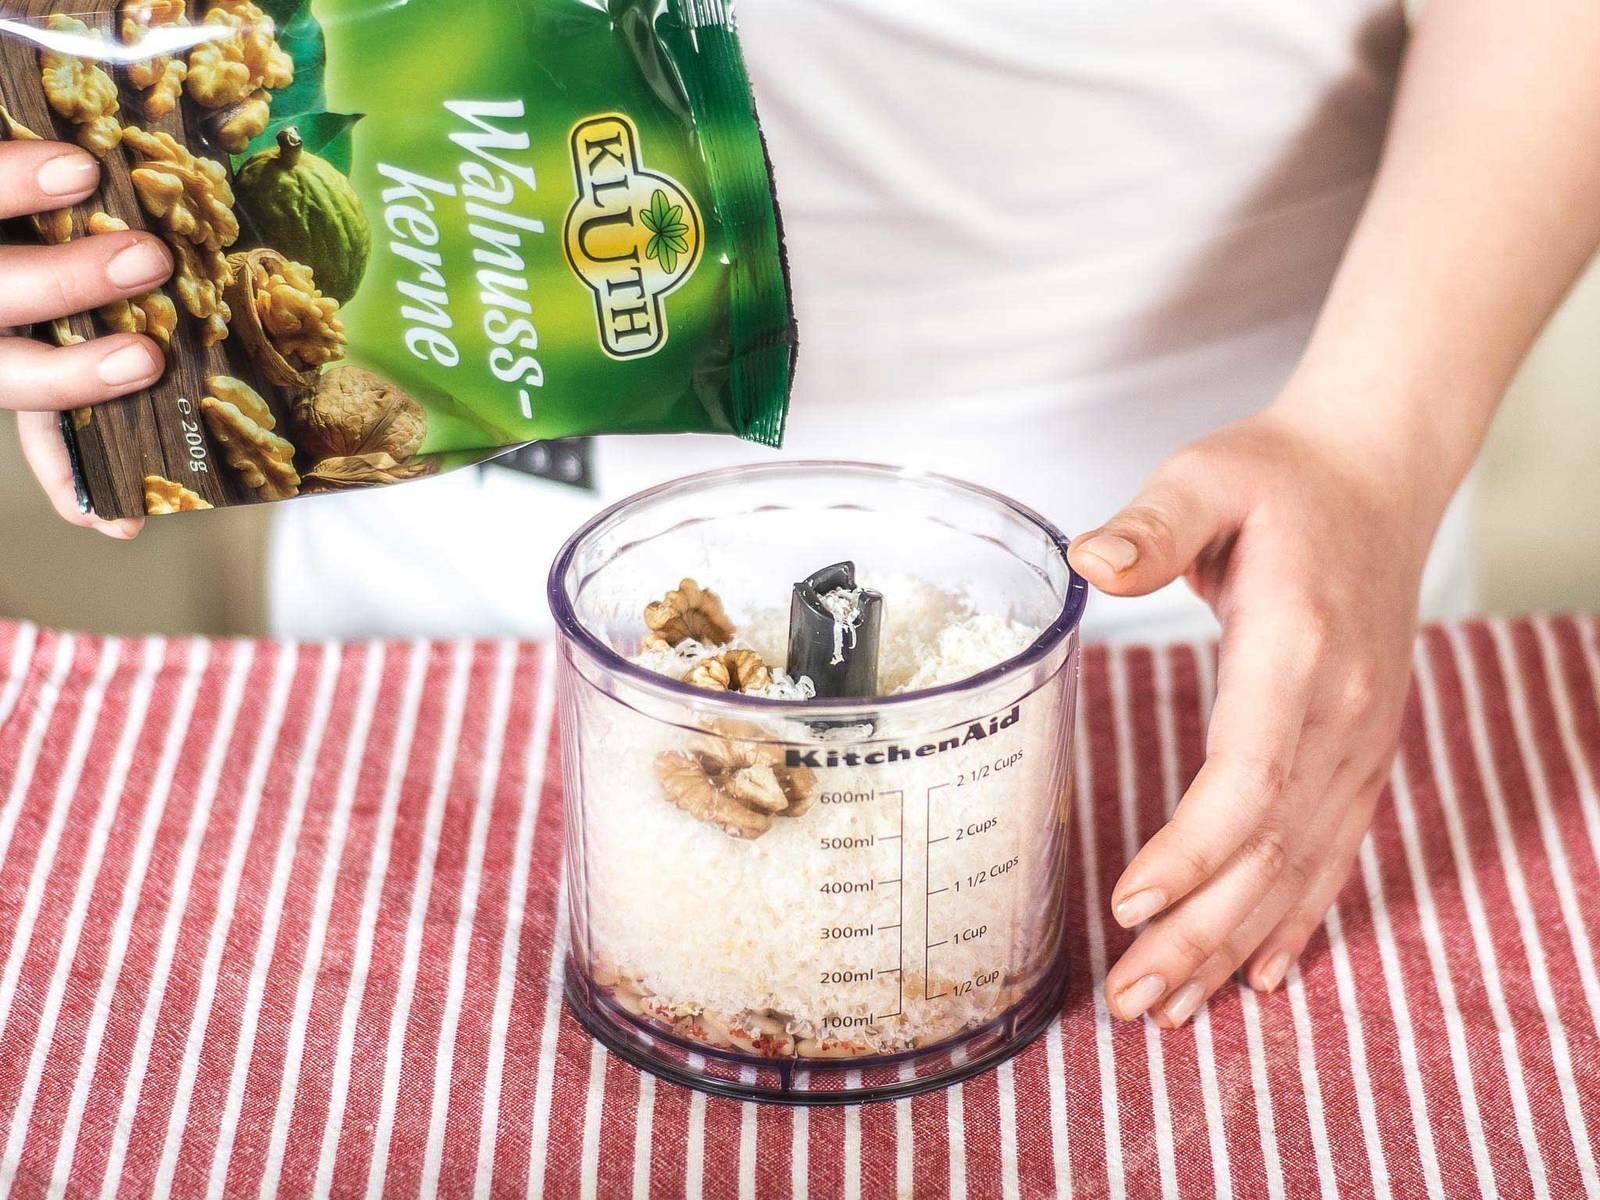 坚果酱的制做:将核桃仁、松子仁、帕玛森干奶酪、蒜、芥末、辣椒粉、盐与胡椒粉在食品加工机中搅碎。